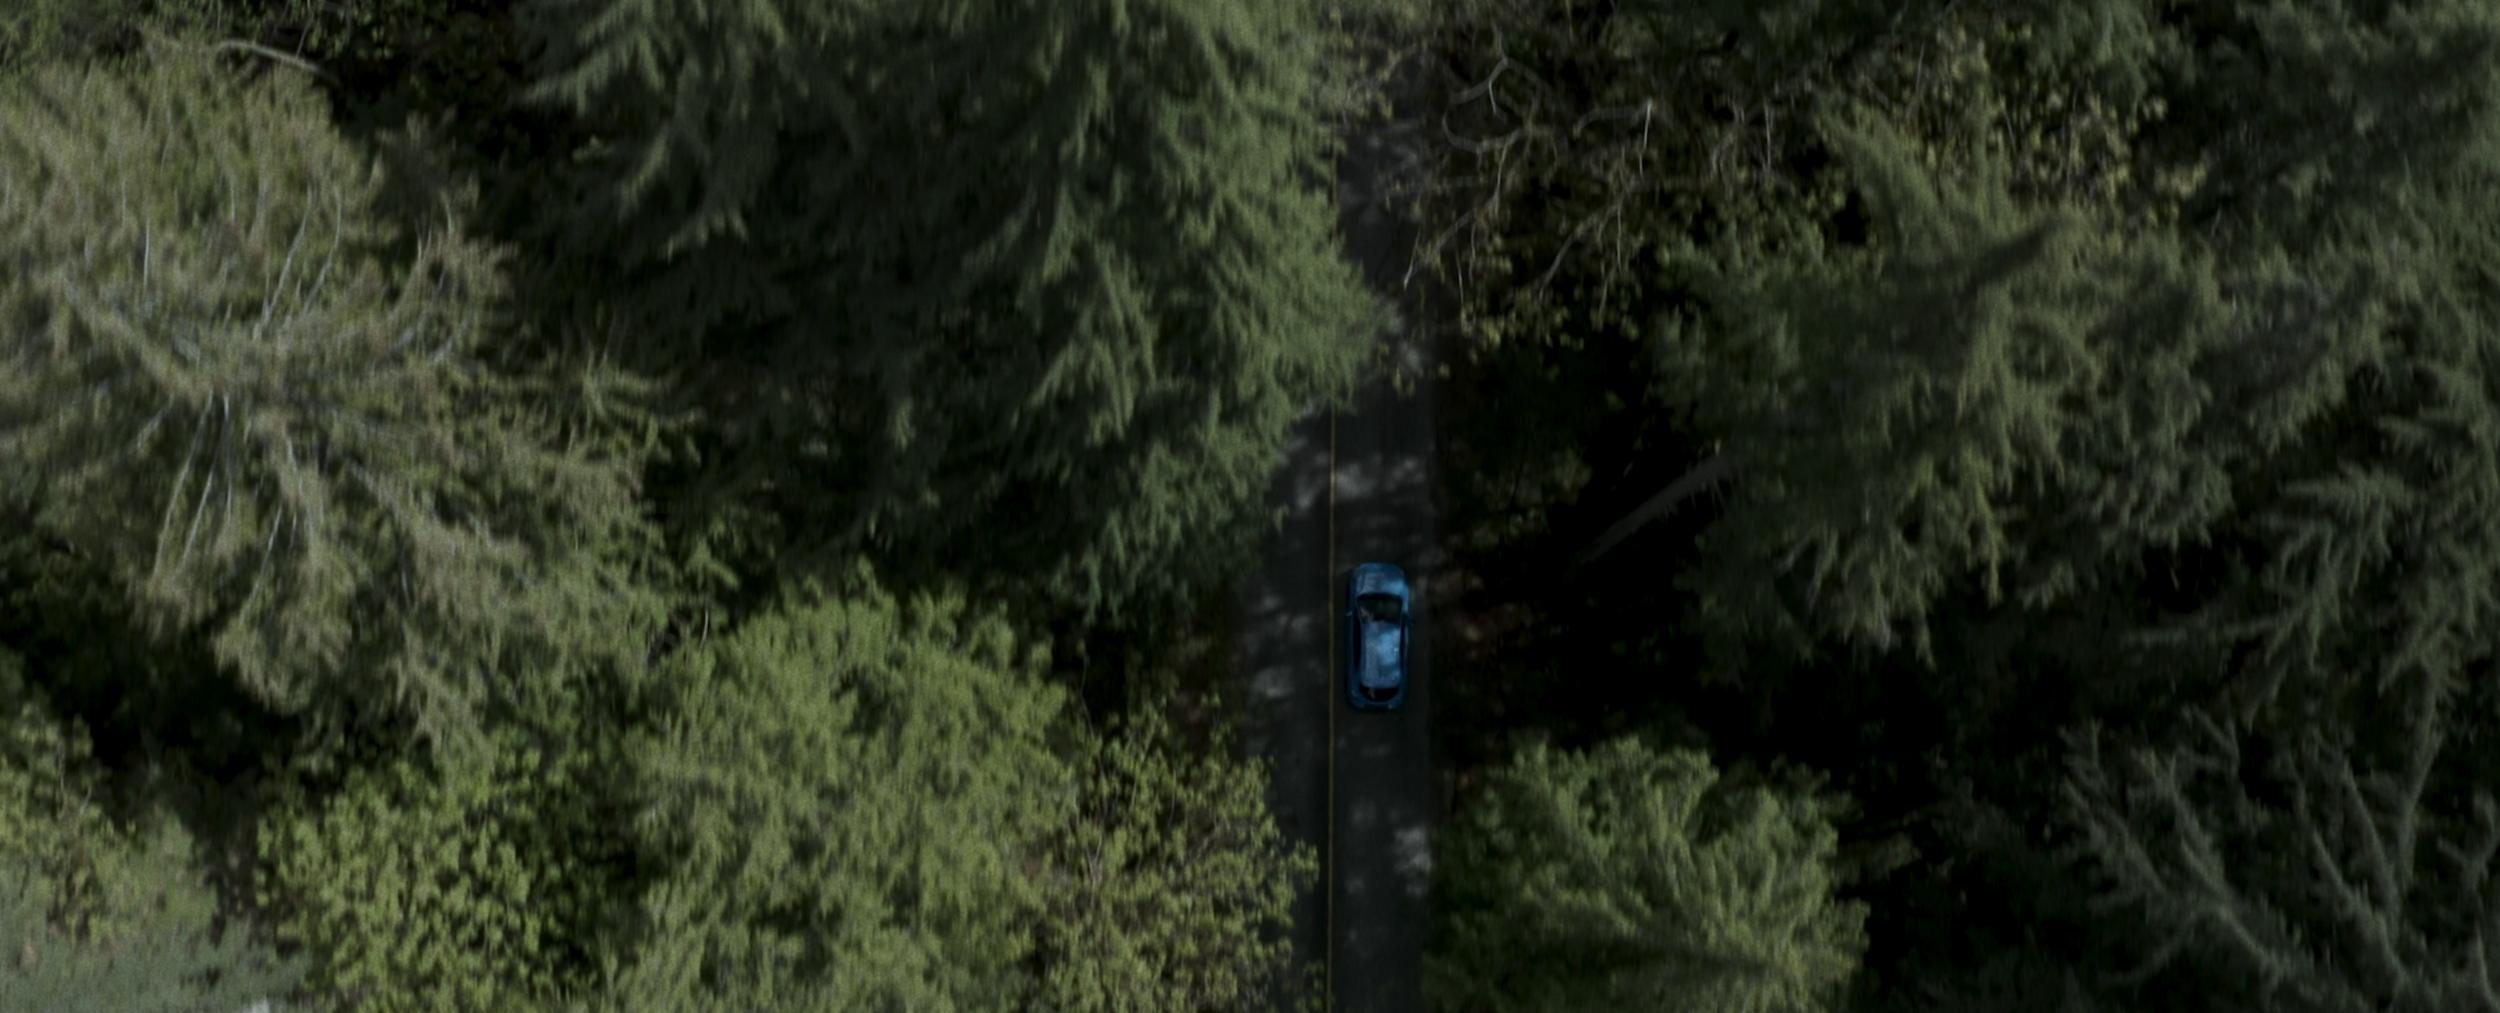 Screen Shot 2019-05-17 at 9.45.28 AM.png